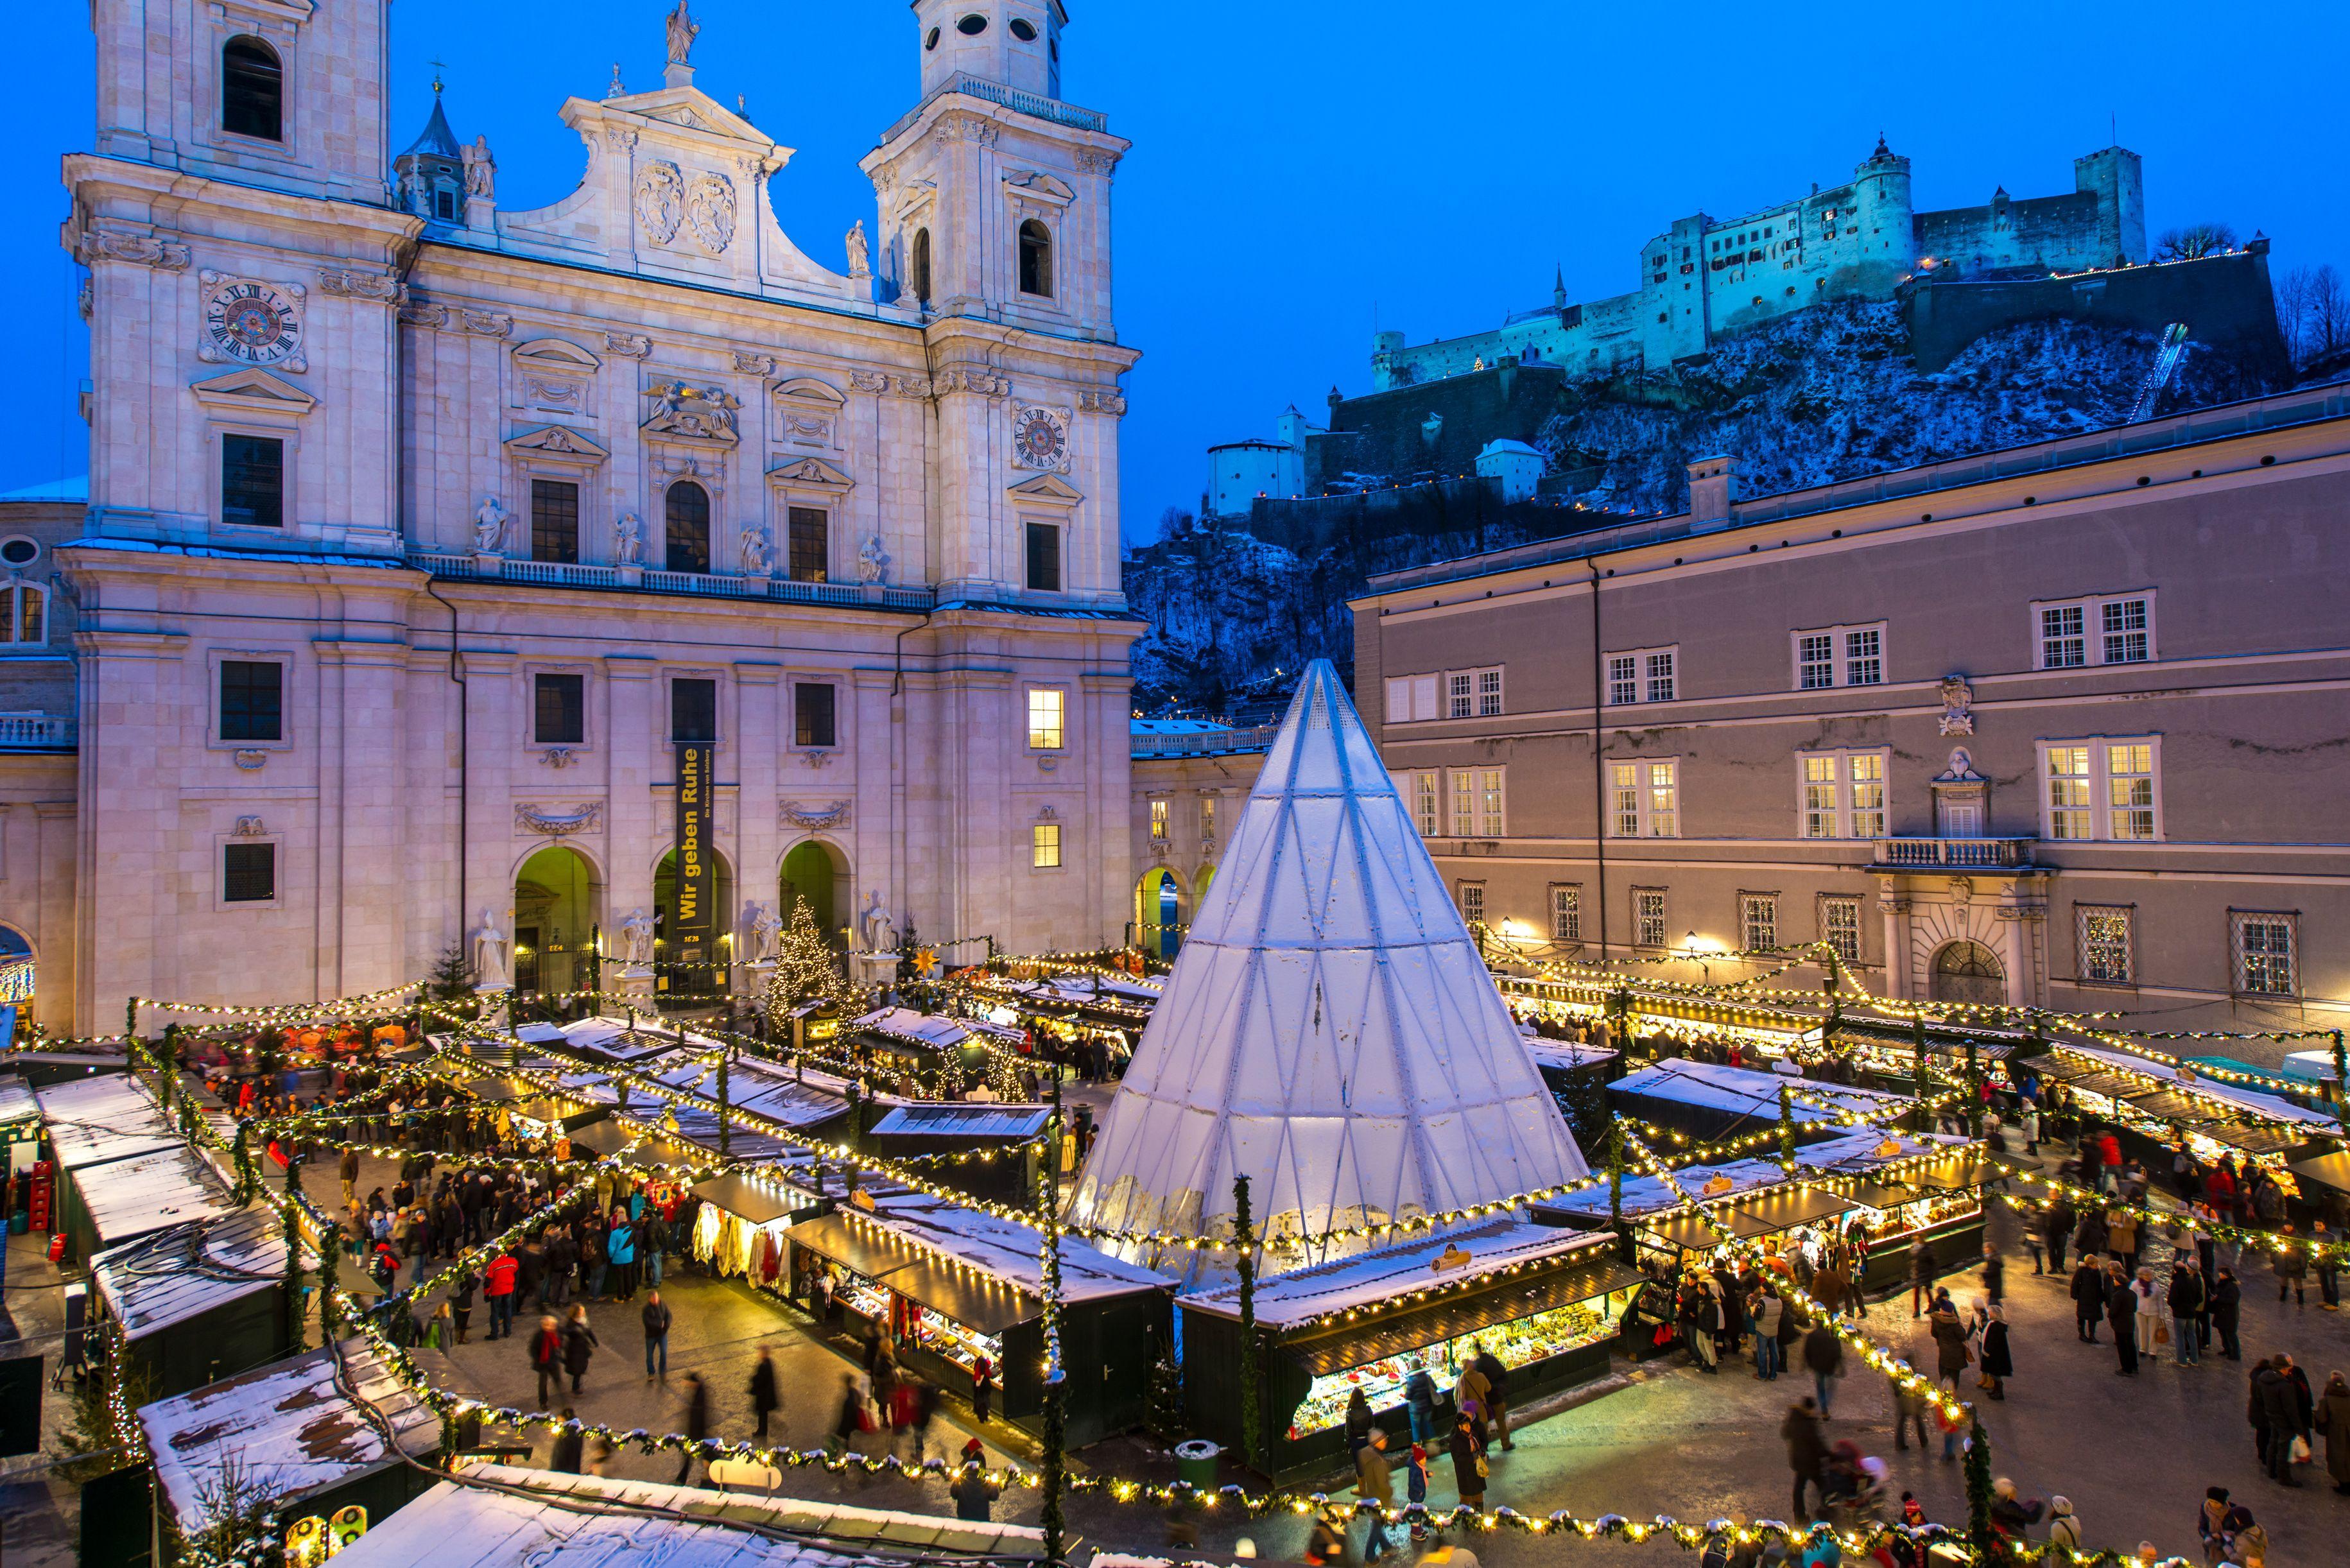 Christkindlmarkt Reisen Tourismus Christkindlmarkte